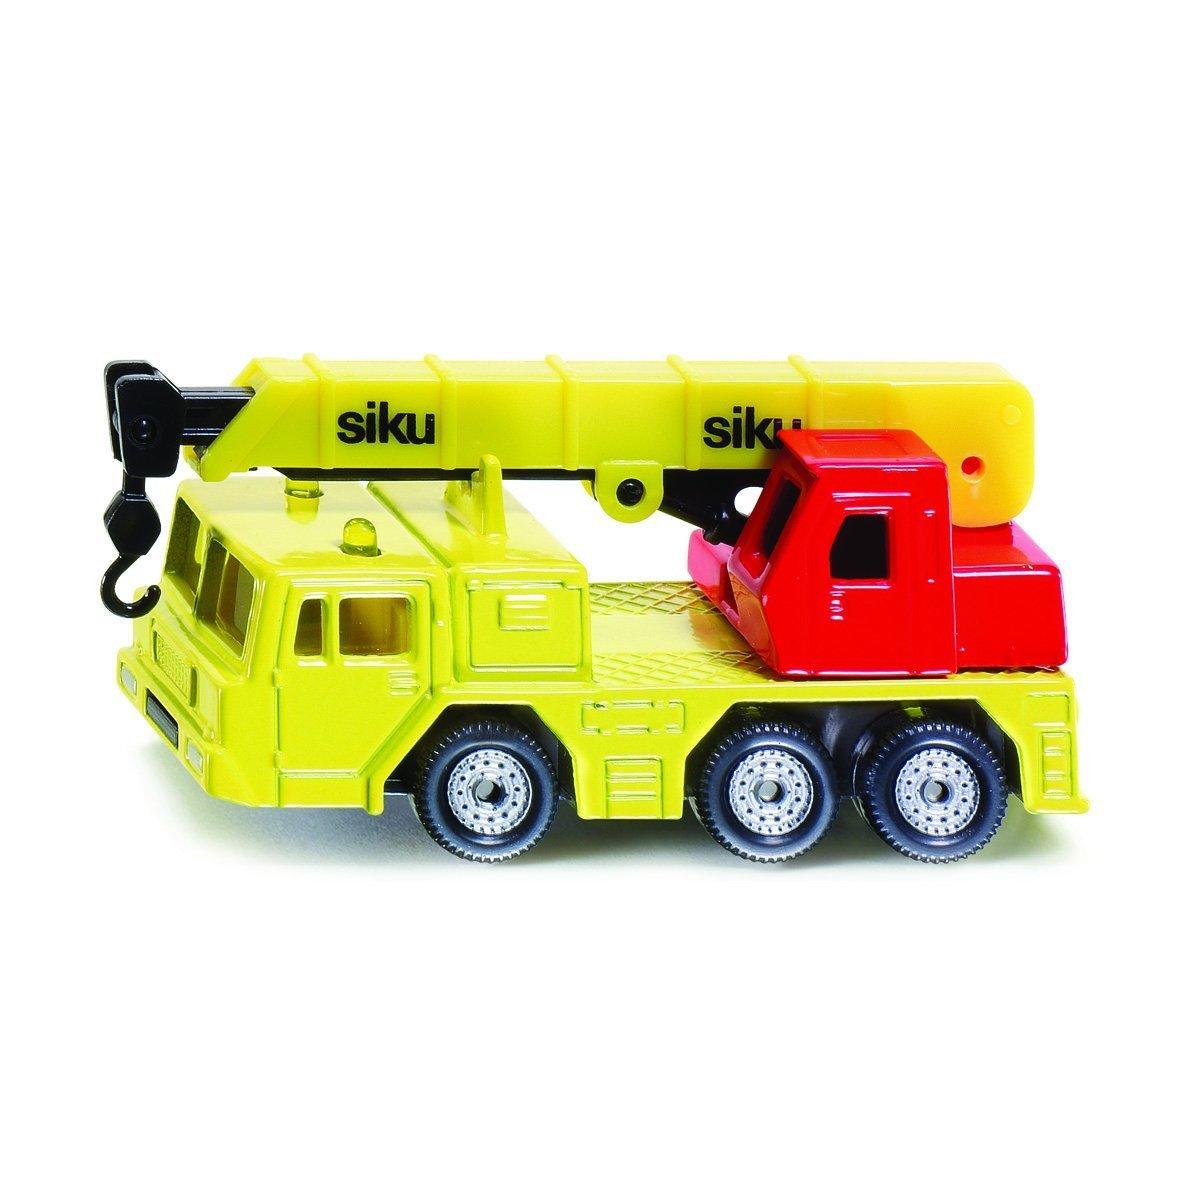 Купить Строительная техника, Модель Siku Гидравлический автокран 1:87 1326 ТМ: Siku